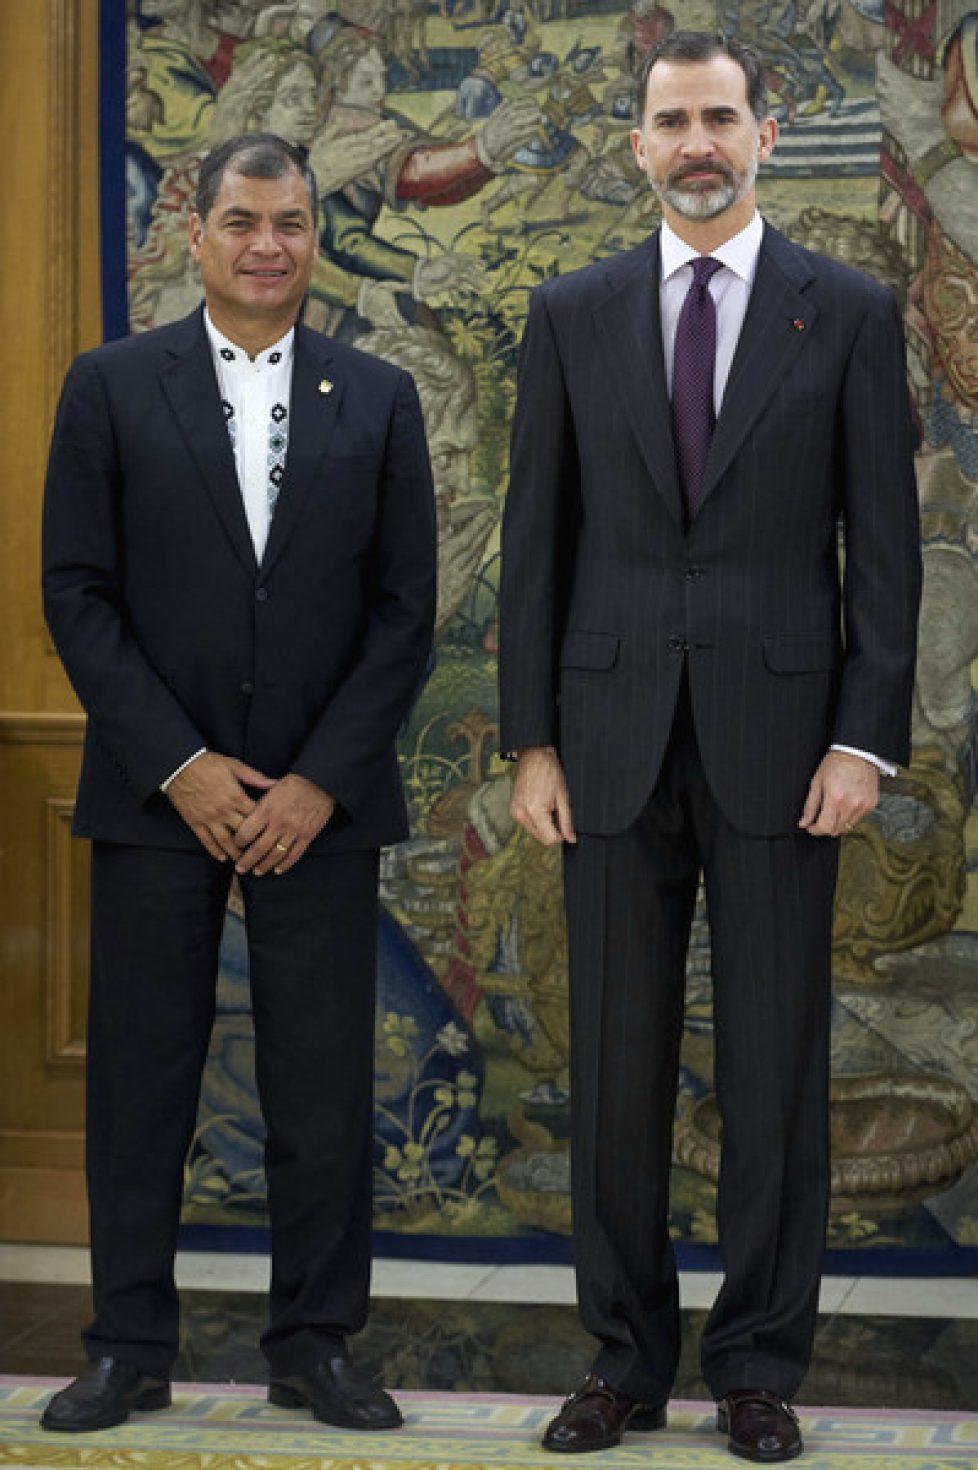 Le roi d'Espagne reçoit le président d'Equateur